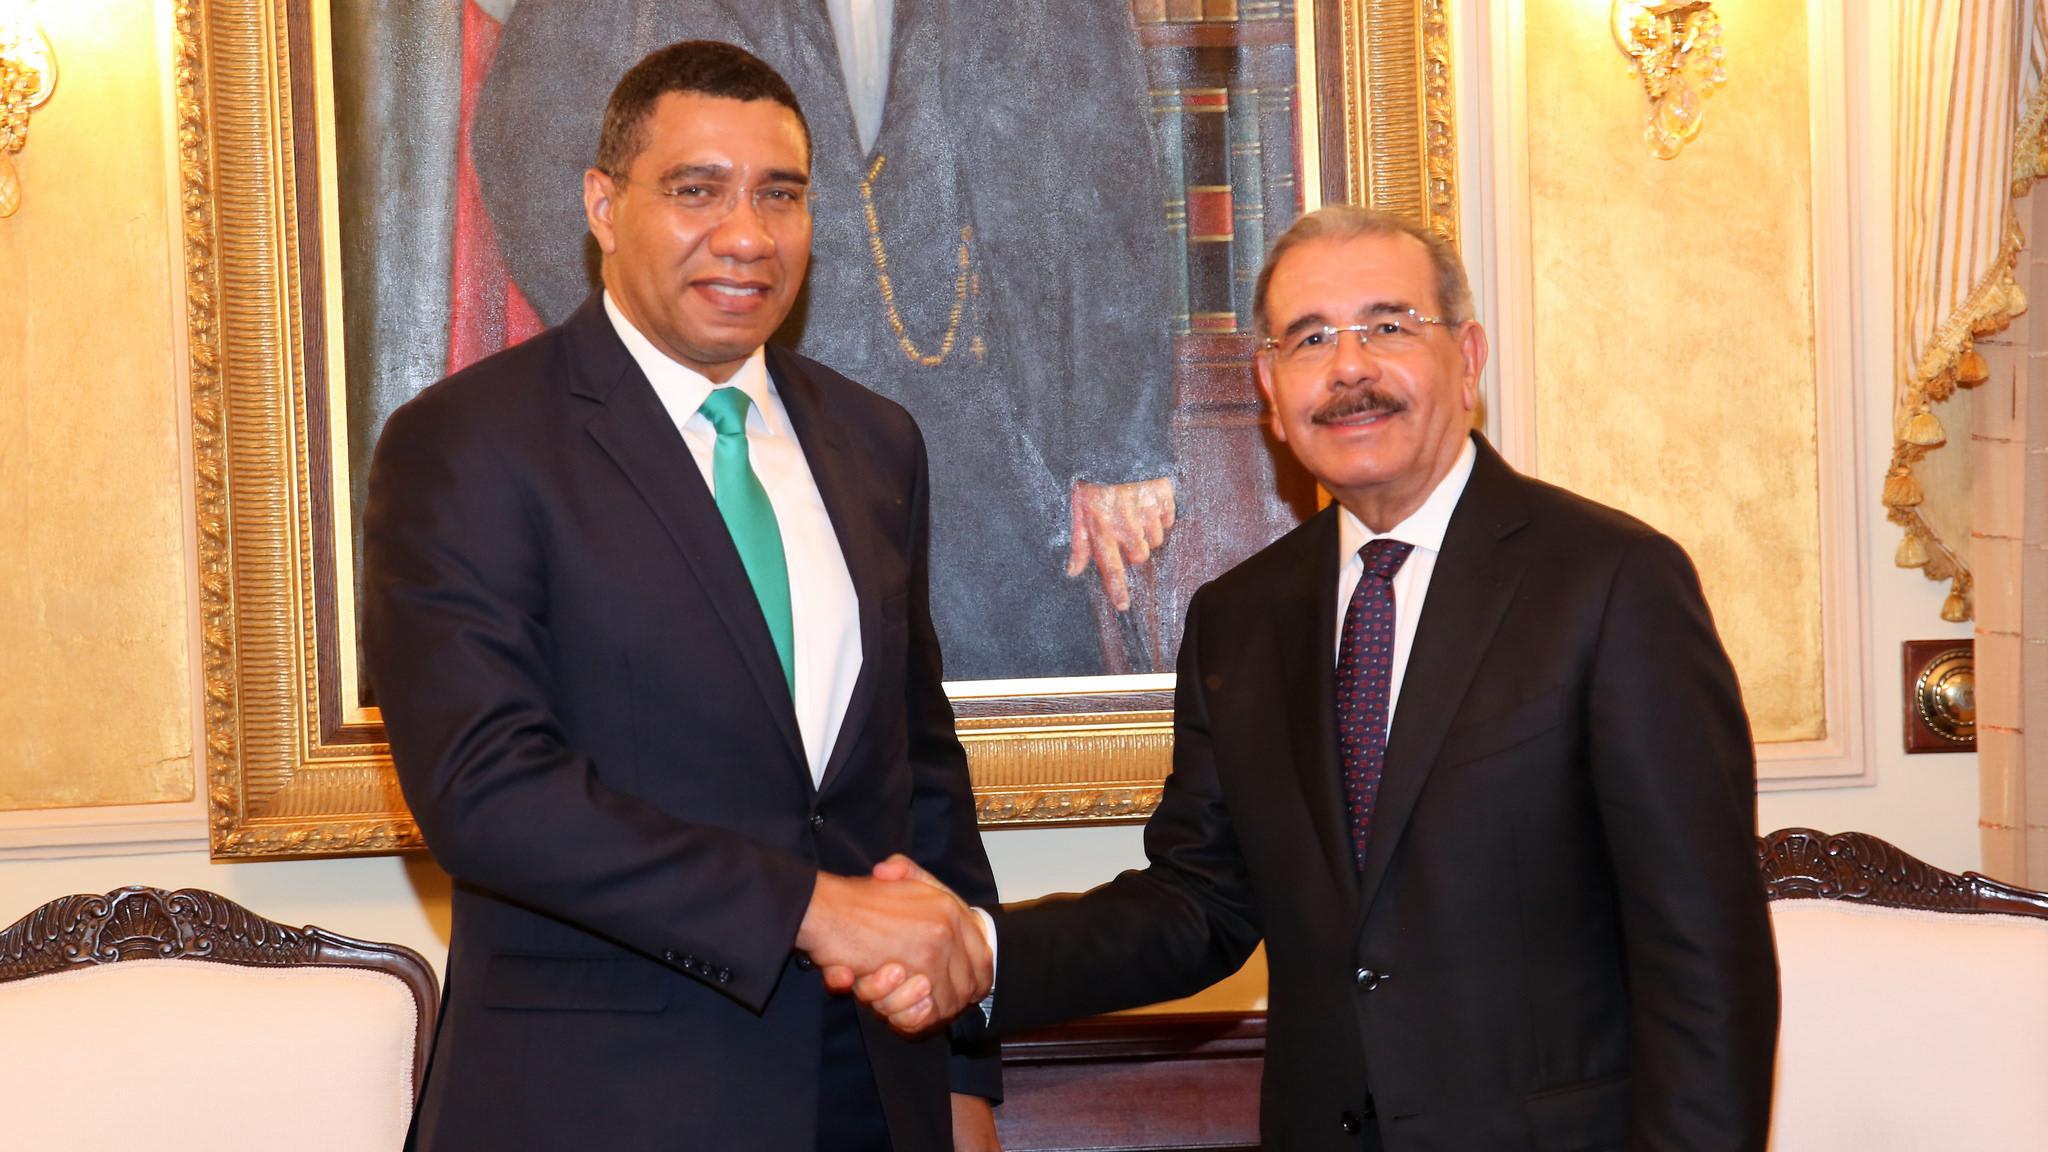 Danilo sale mañana hacia Jamaica en visita oficial y conferencia sobre empleo y turismo sostenible